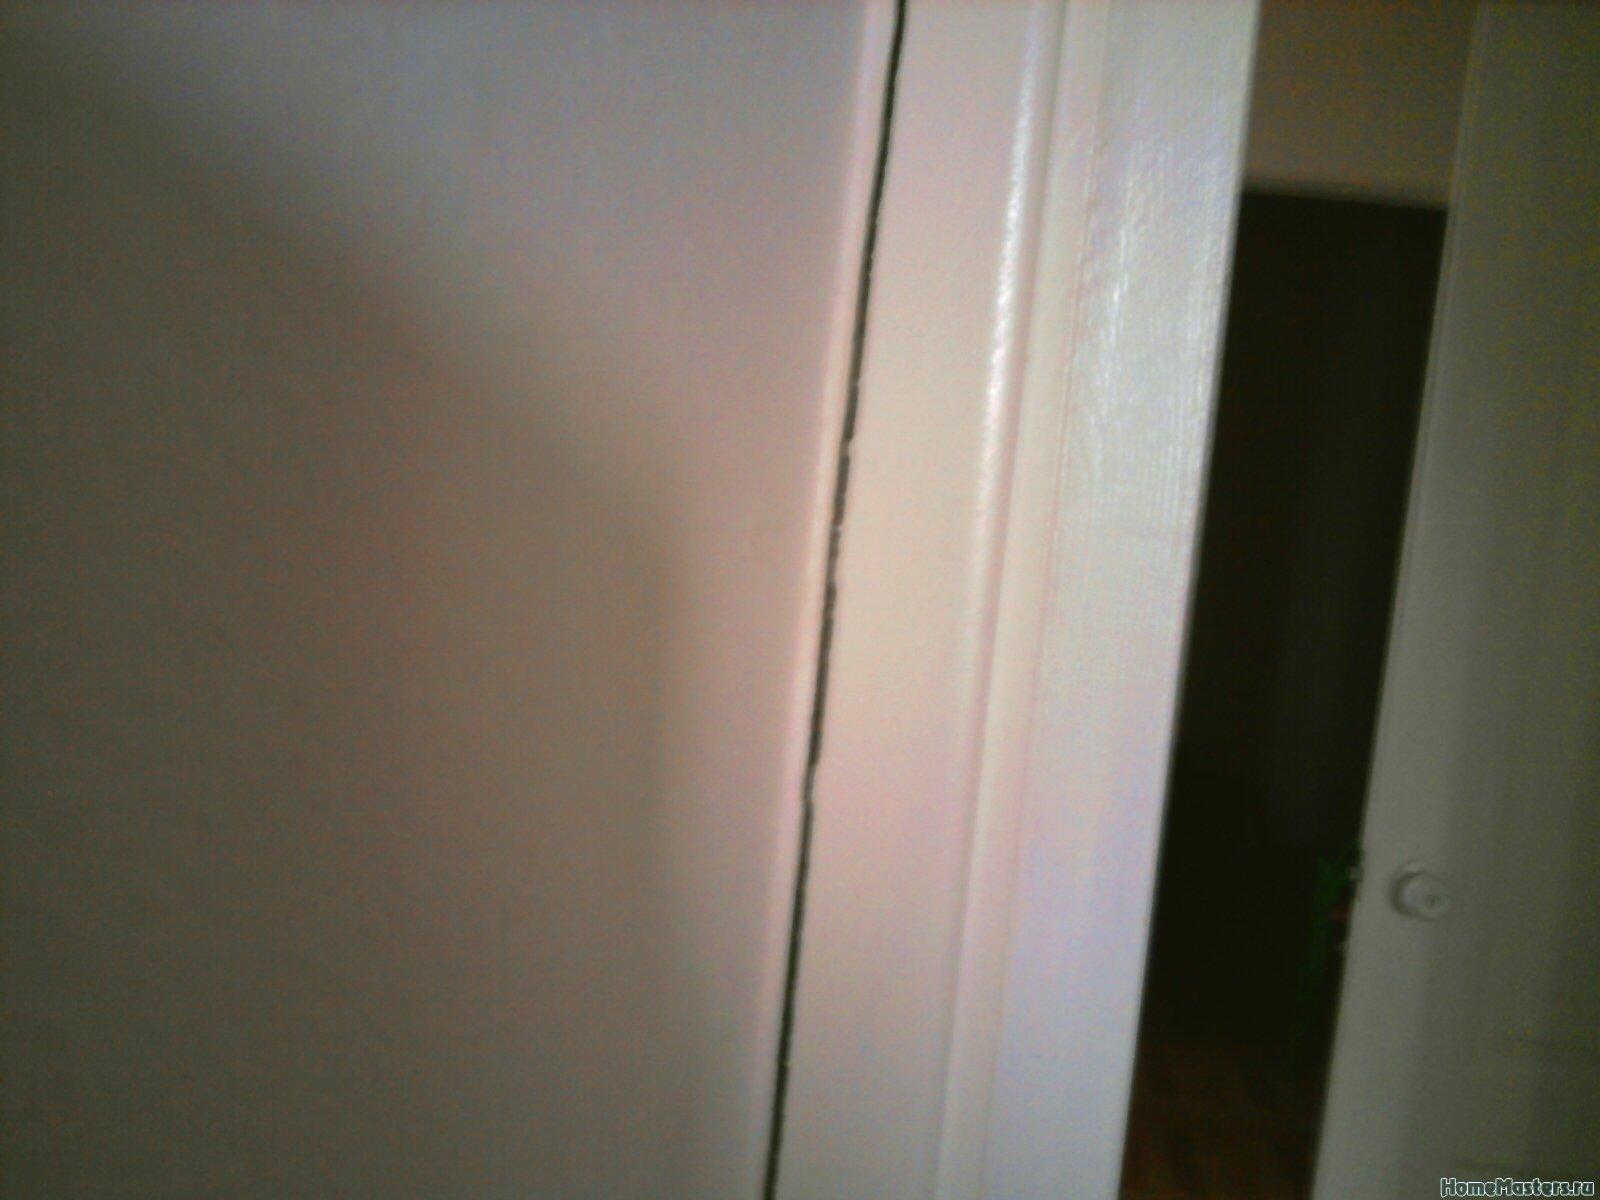 щель между коробкой двери и стеной, вид из кухни